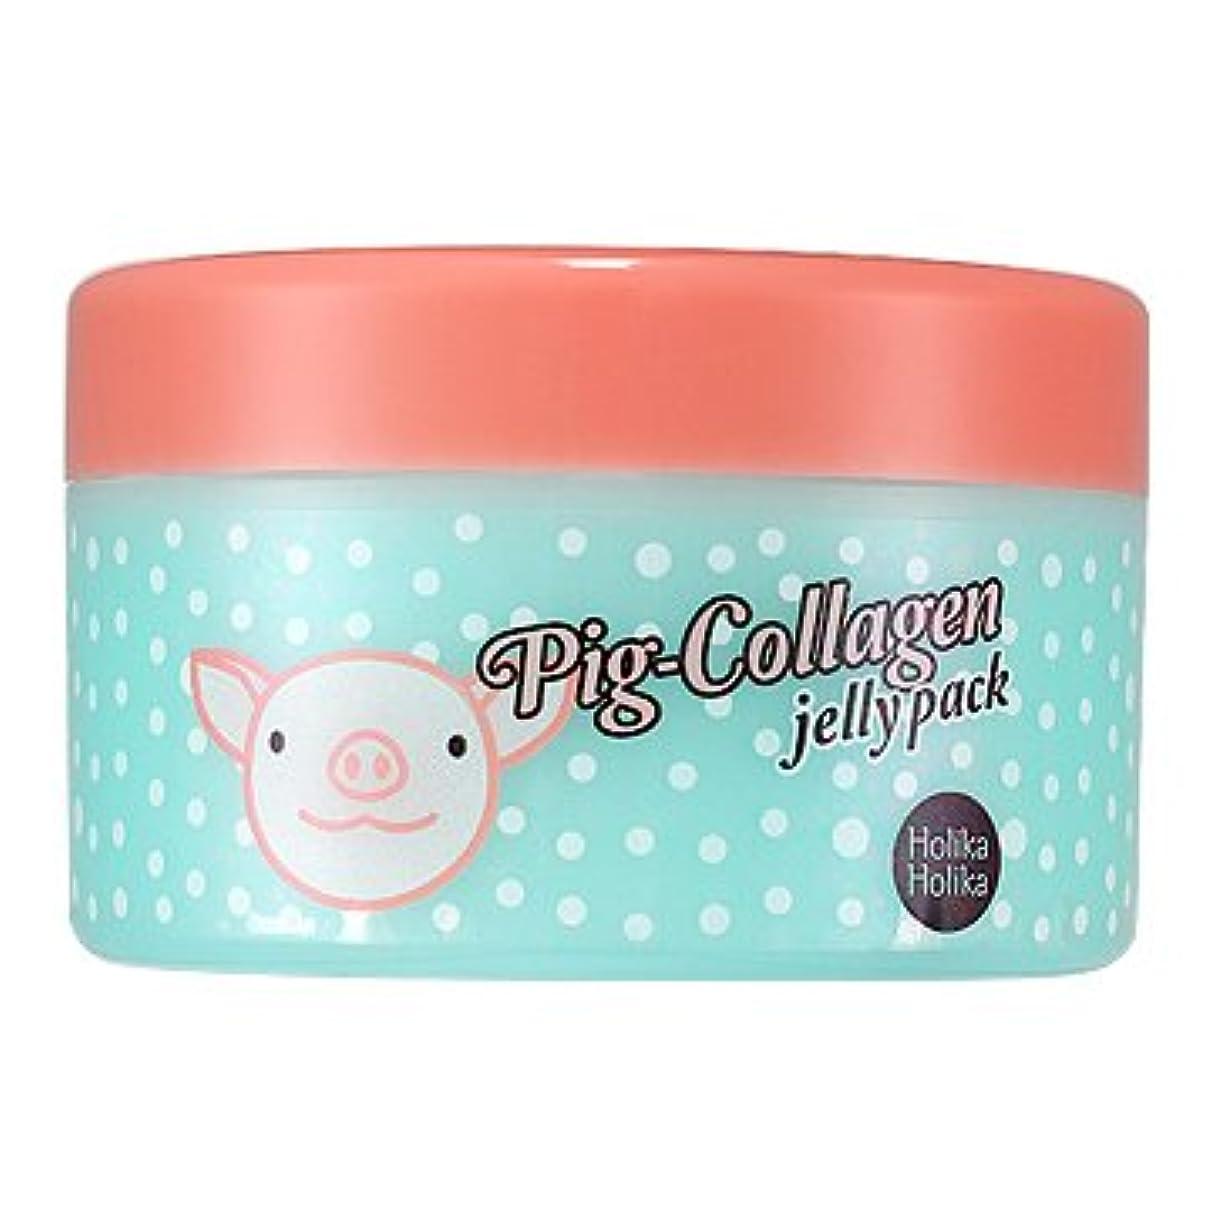 破滅的な絶対の回るホリカホリカ ピッグコラーゲンジェリーパック(リンクルケア) / HolikaHolika Pig Collagen Jelly Pack 80g [並行輸入品]